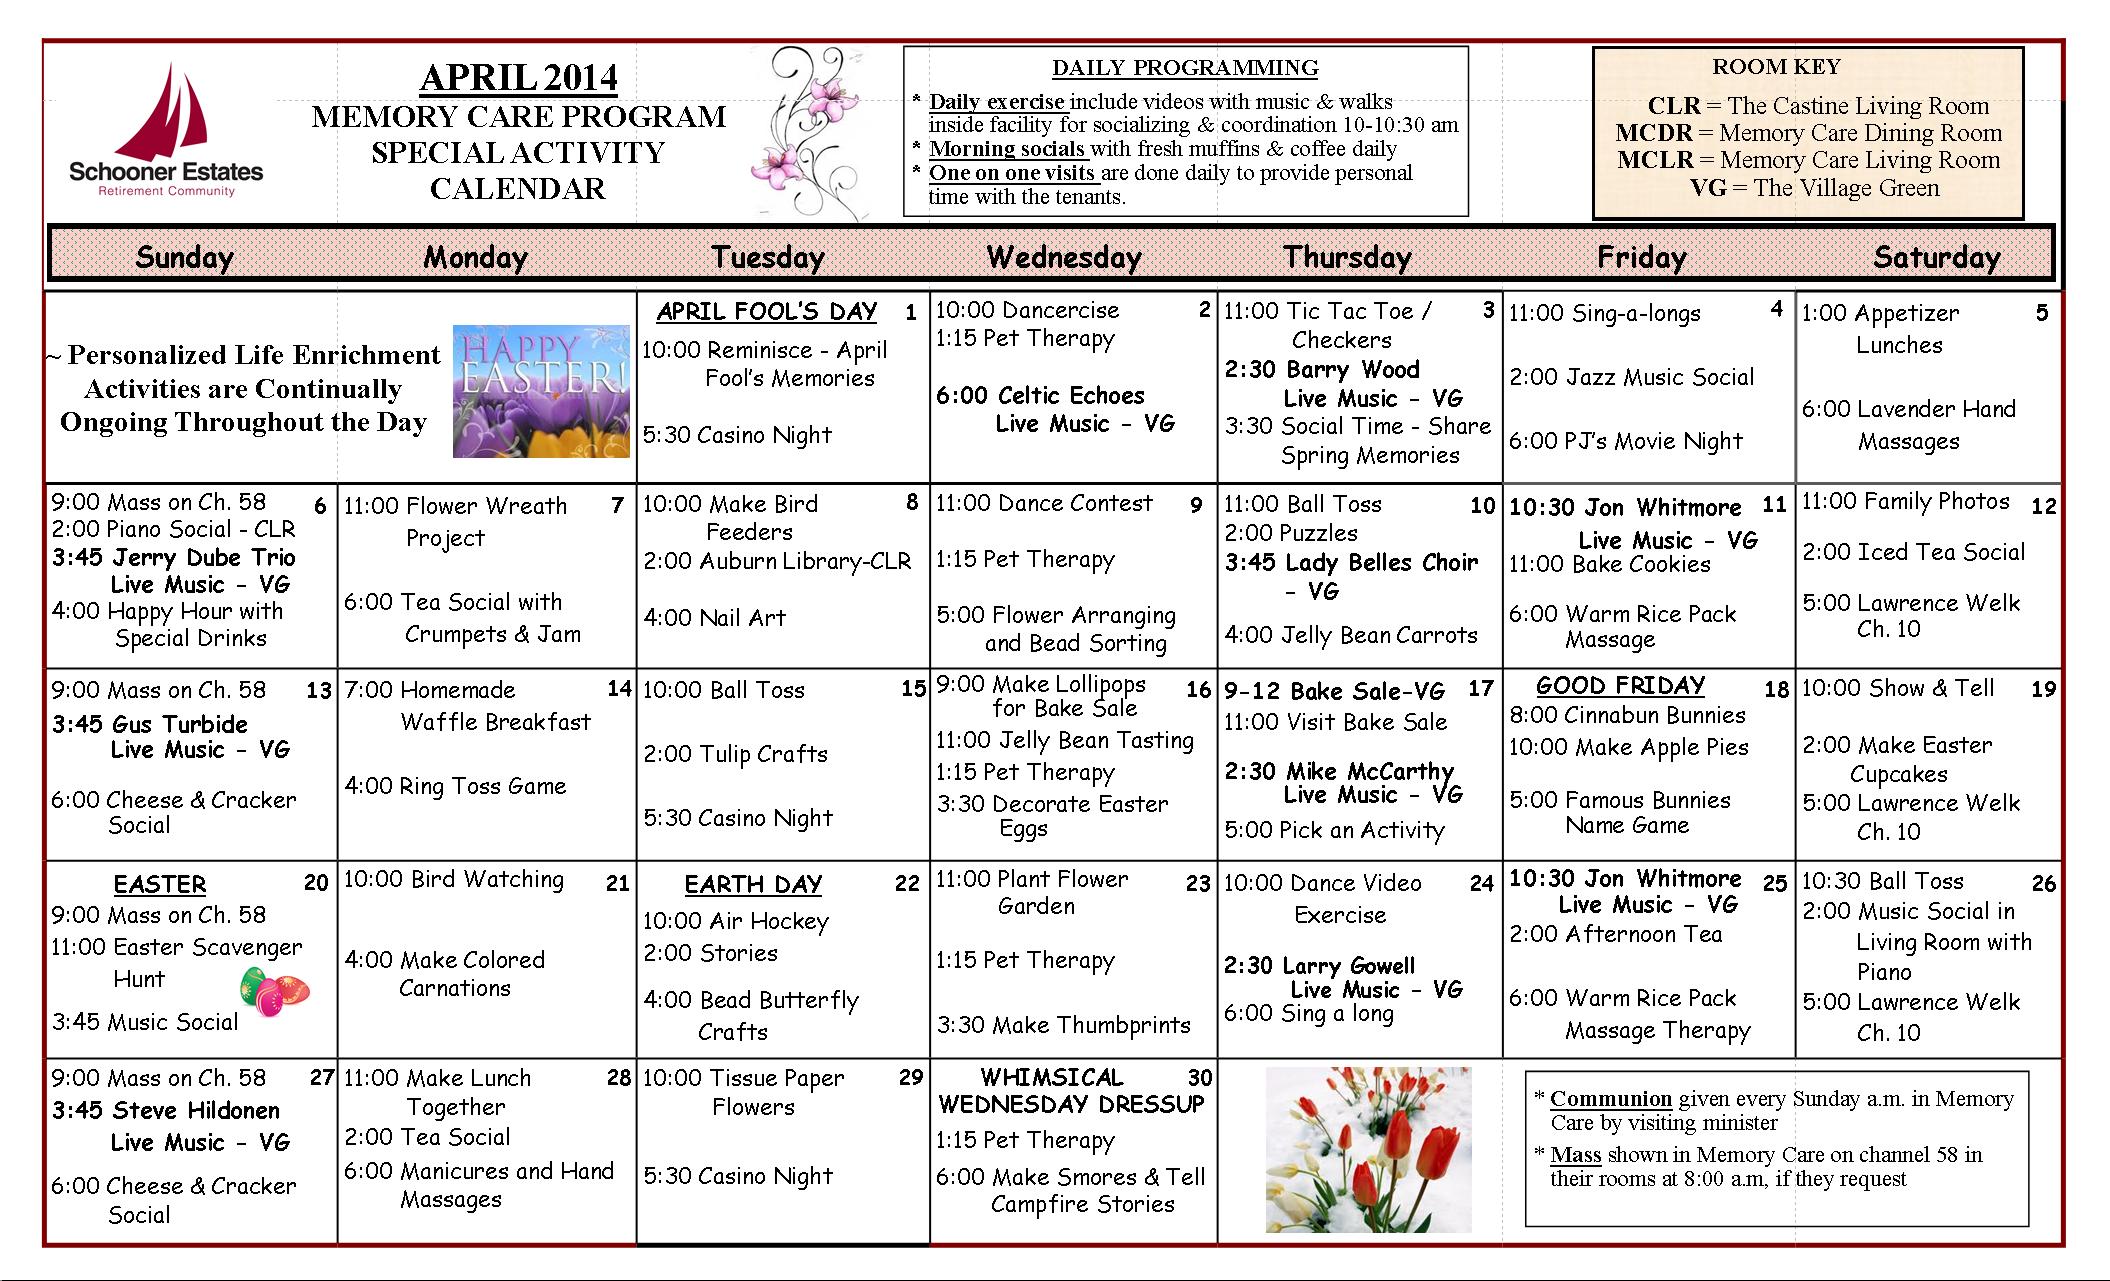 Memory Care Calendar April 2104